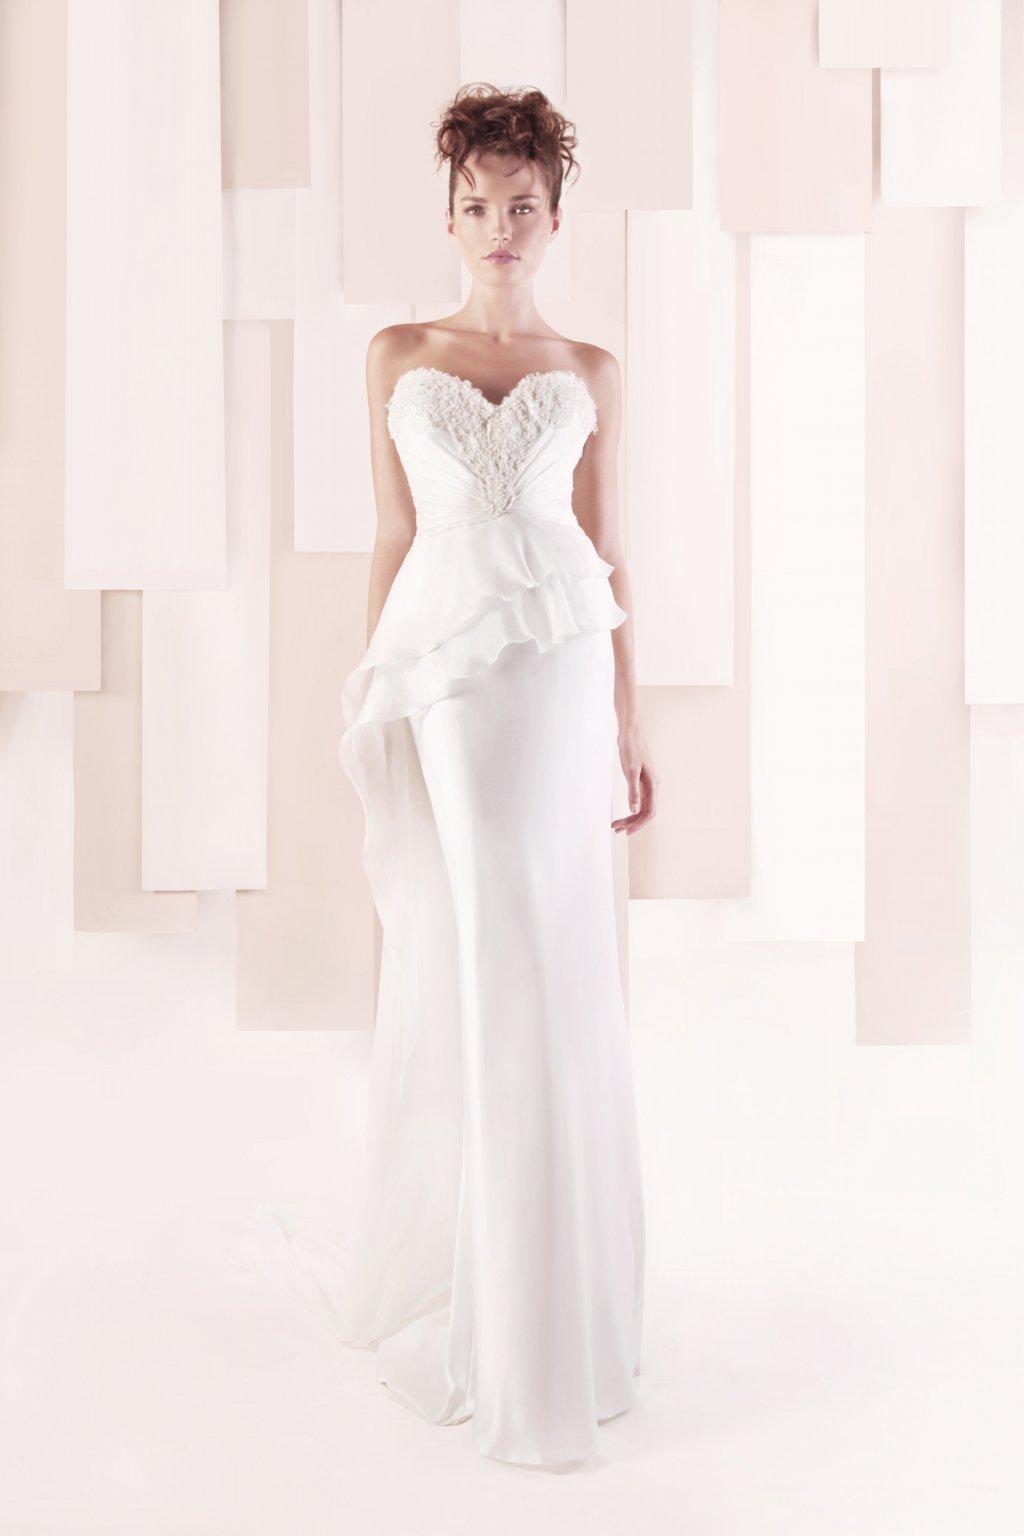 Wedding-dress-by-gemy-maalouf-2013-bridal-style-3304.full